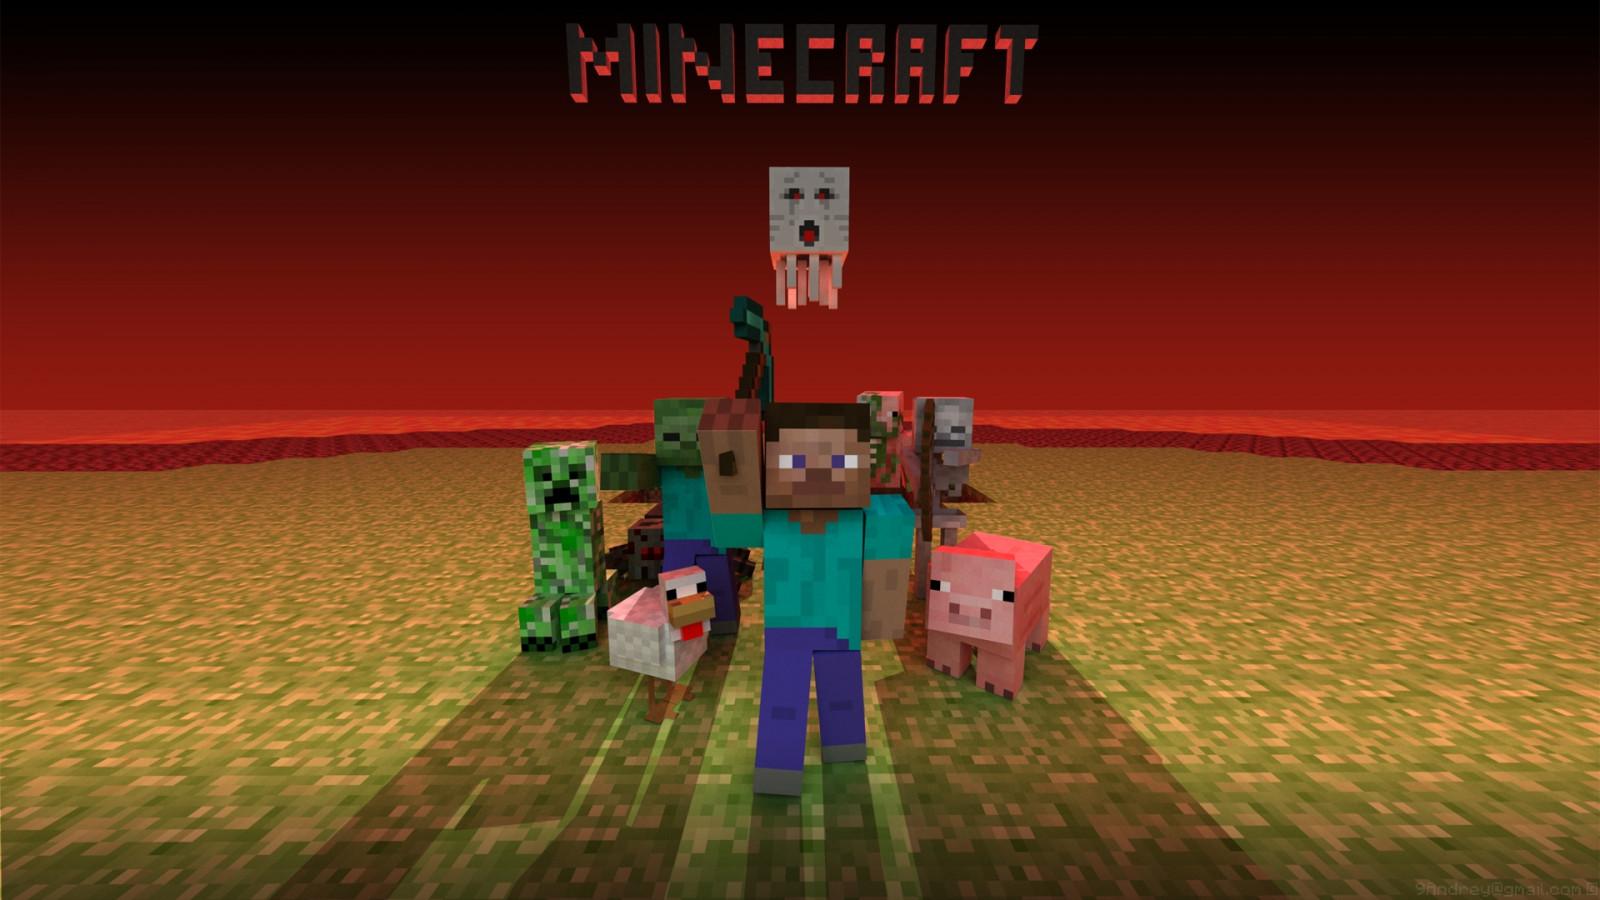 Hintergrundbilder Landschaft Gras Schlange Minecraft - Minecraft pixel spiele